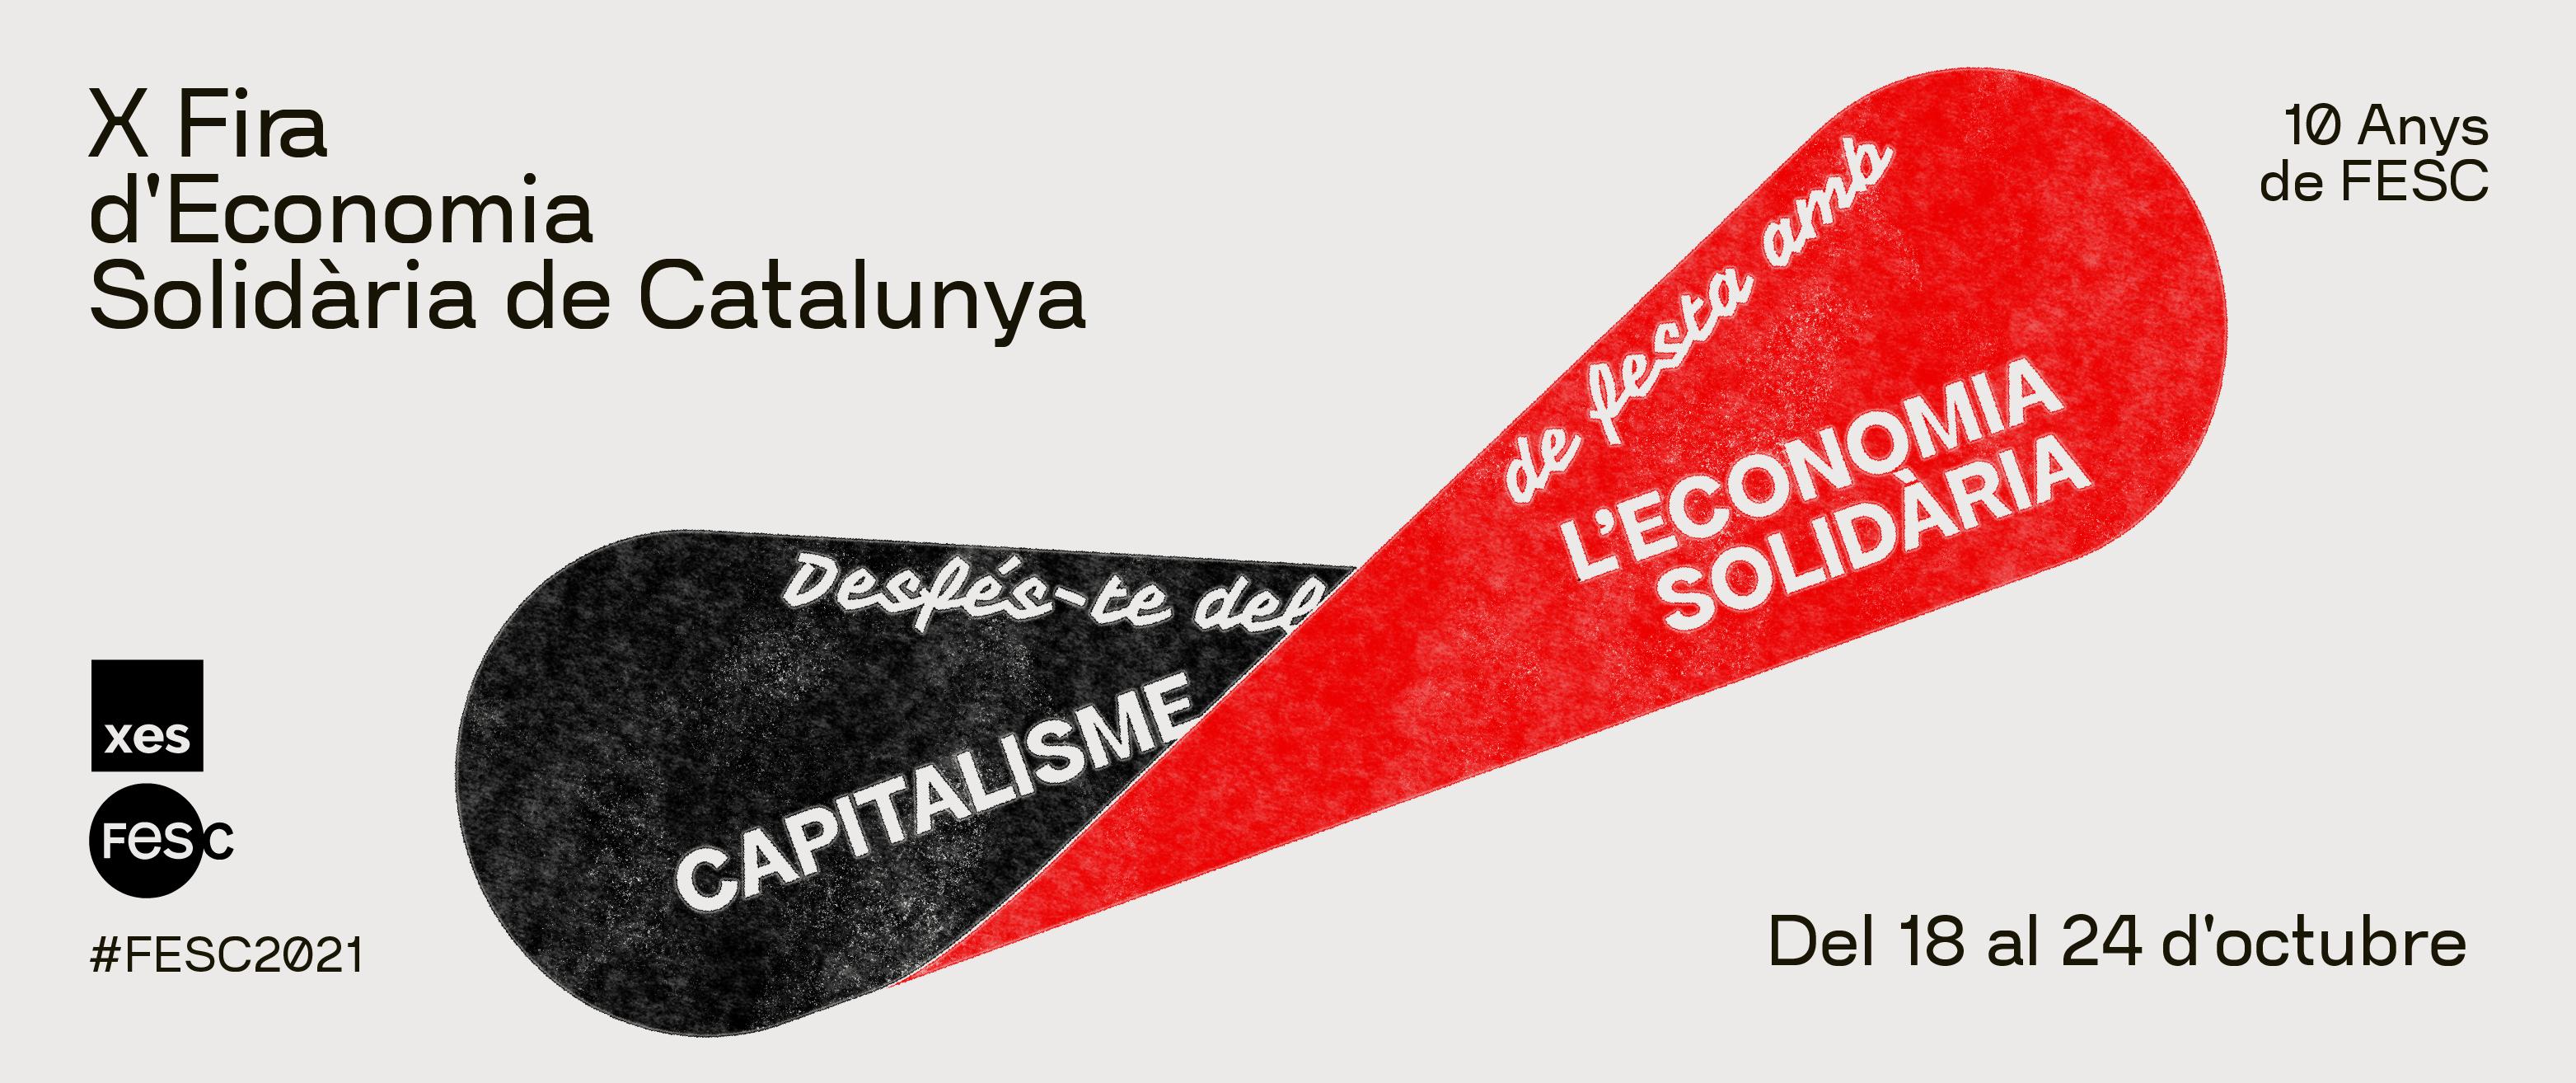 FESC2021: Desfés-te del capitalisme, de festa amb l'economia solidària!